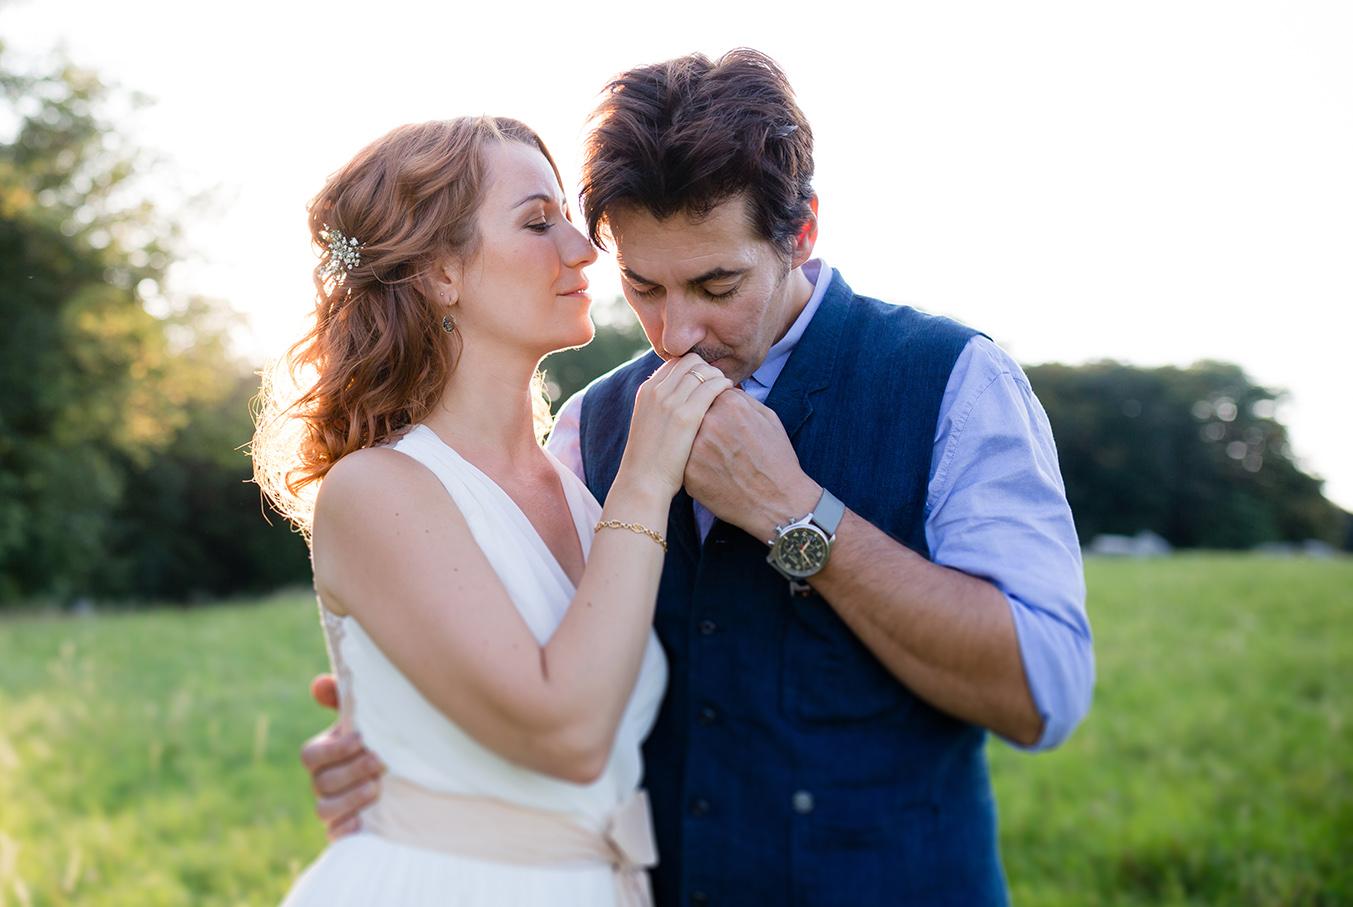 Vienna_Wien_Afterwedding_Hochzeit_Paar_Couple_40